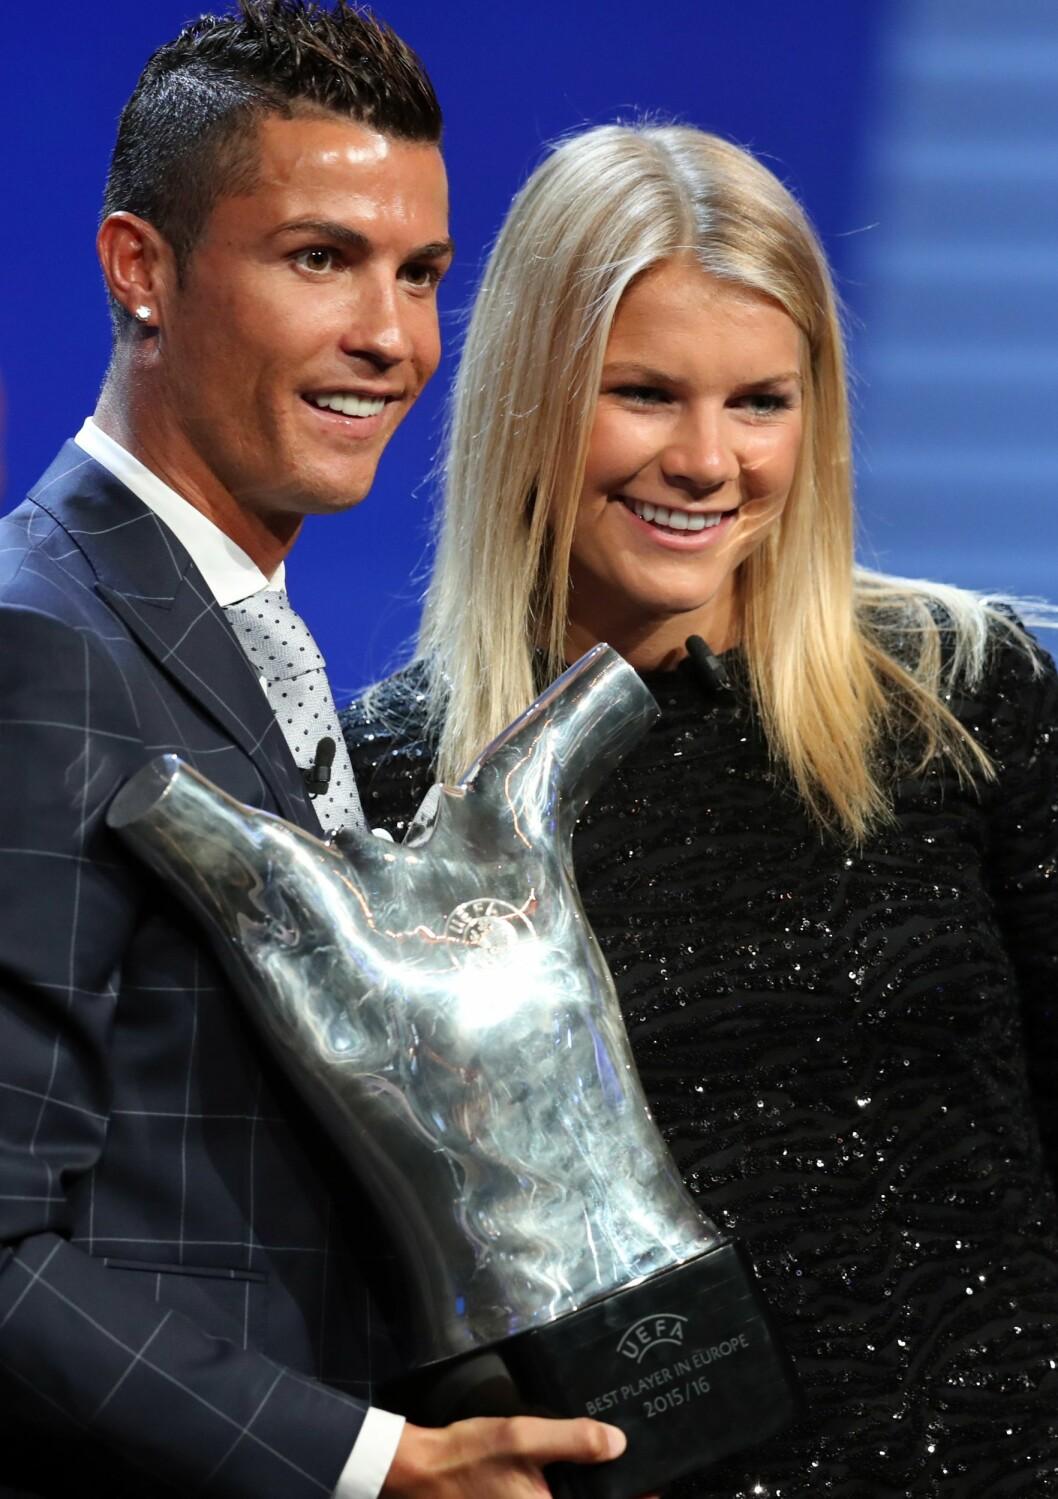 VANT PRIS: I august kåret UEFA Ada Hegerberg til Europas beste kvinnelige fotballspiller. – Det er ikke så ofte jeg bruker ordet stolt, men det var en veldig stor ære å få den prisen, og å få igjen noe for alle den jobbingen jeg har lagt ned. Det ga veldig mye. Foto: Scanpix